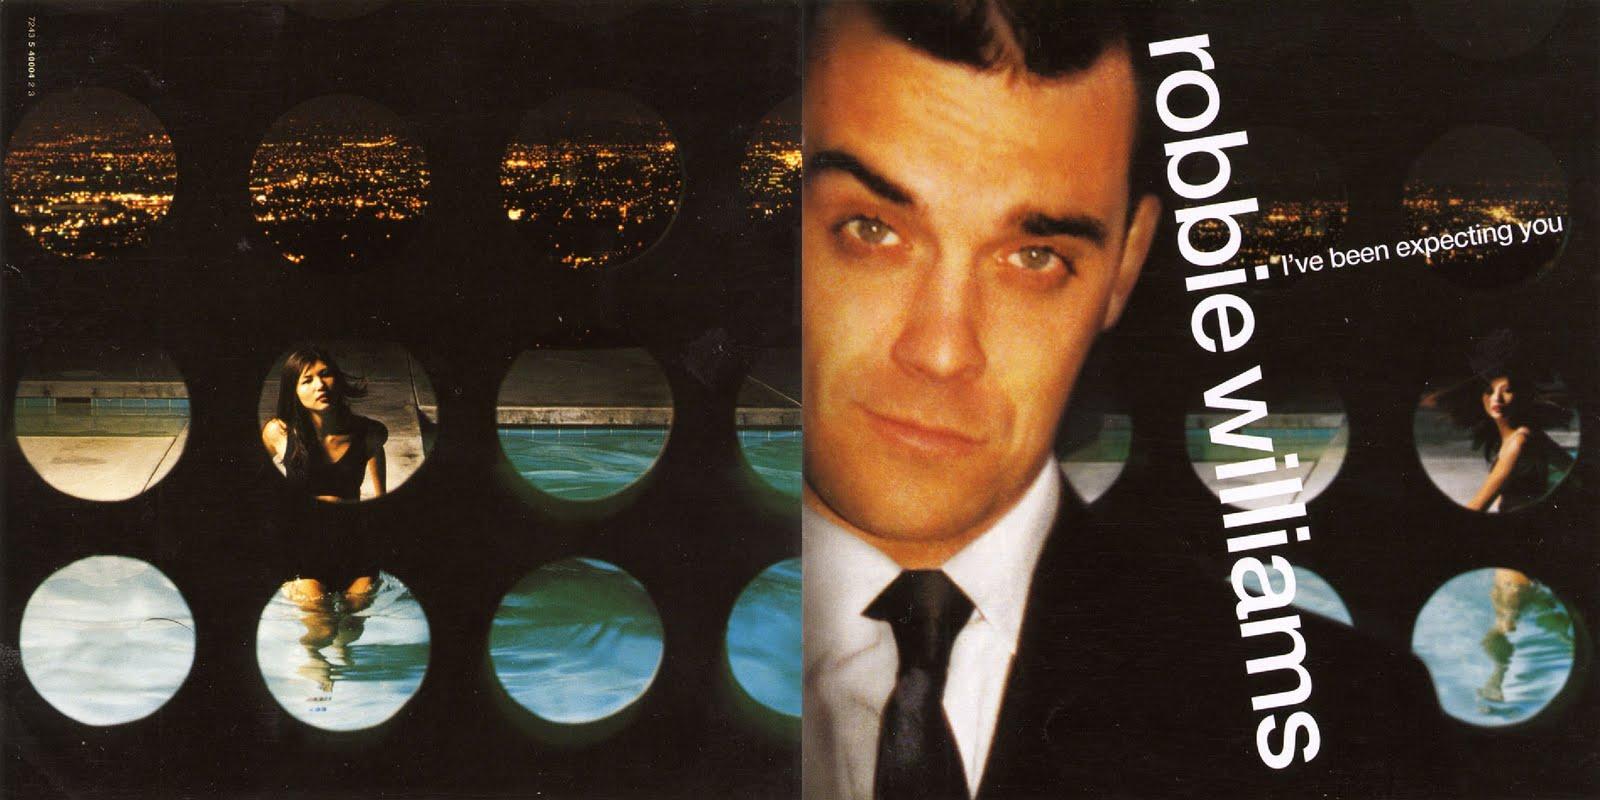 http://2.bp.blogspot.com/_YJM766qf5ps/TIUC0CqeEjI/AAAAAAAAJ2U/QGEEOEh4Zmo/s1600/Booklet-+1.jpg